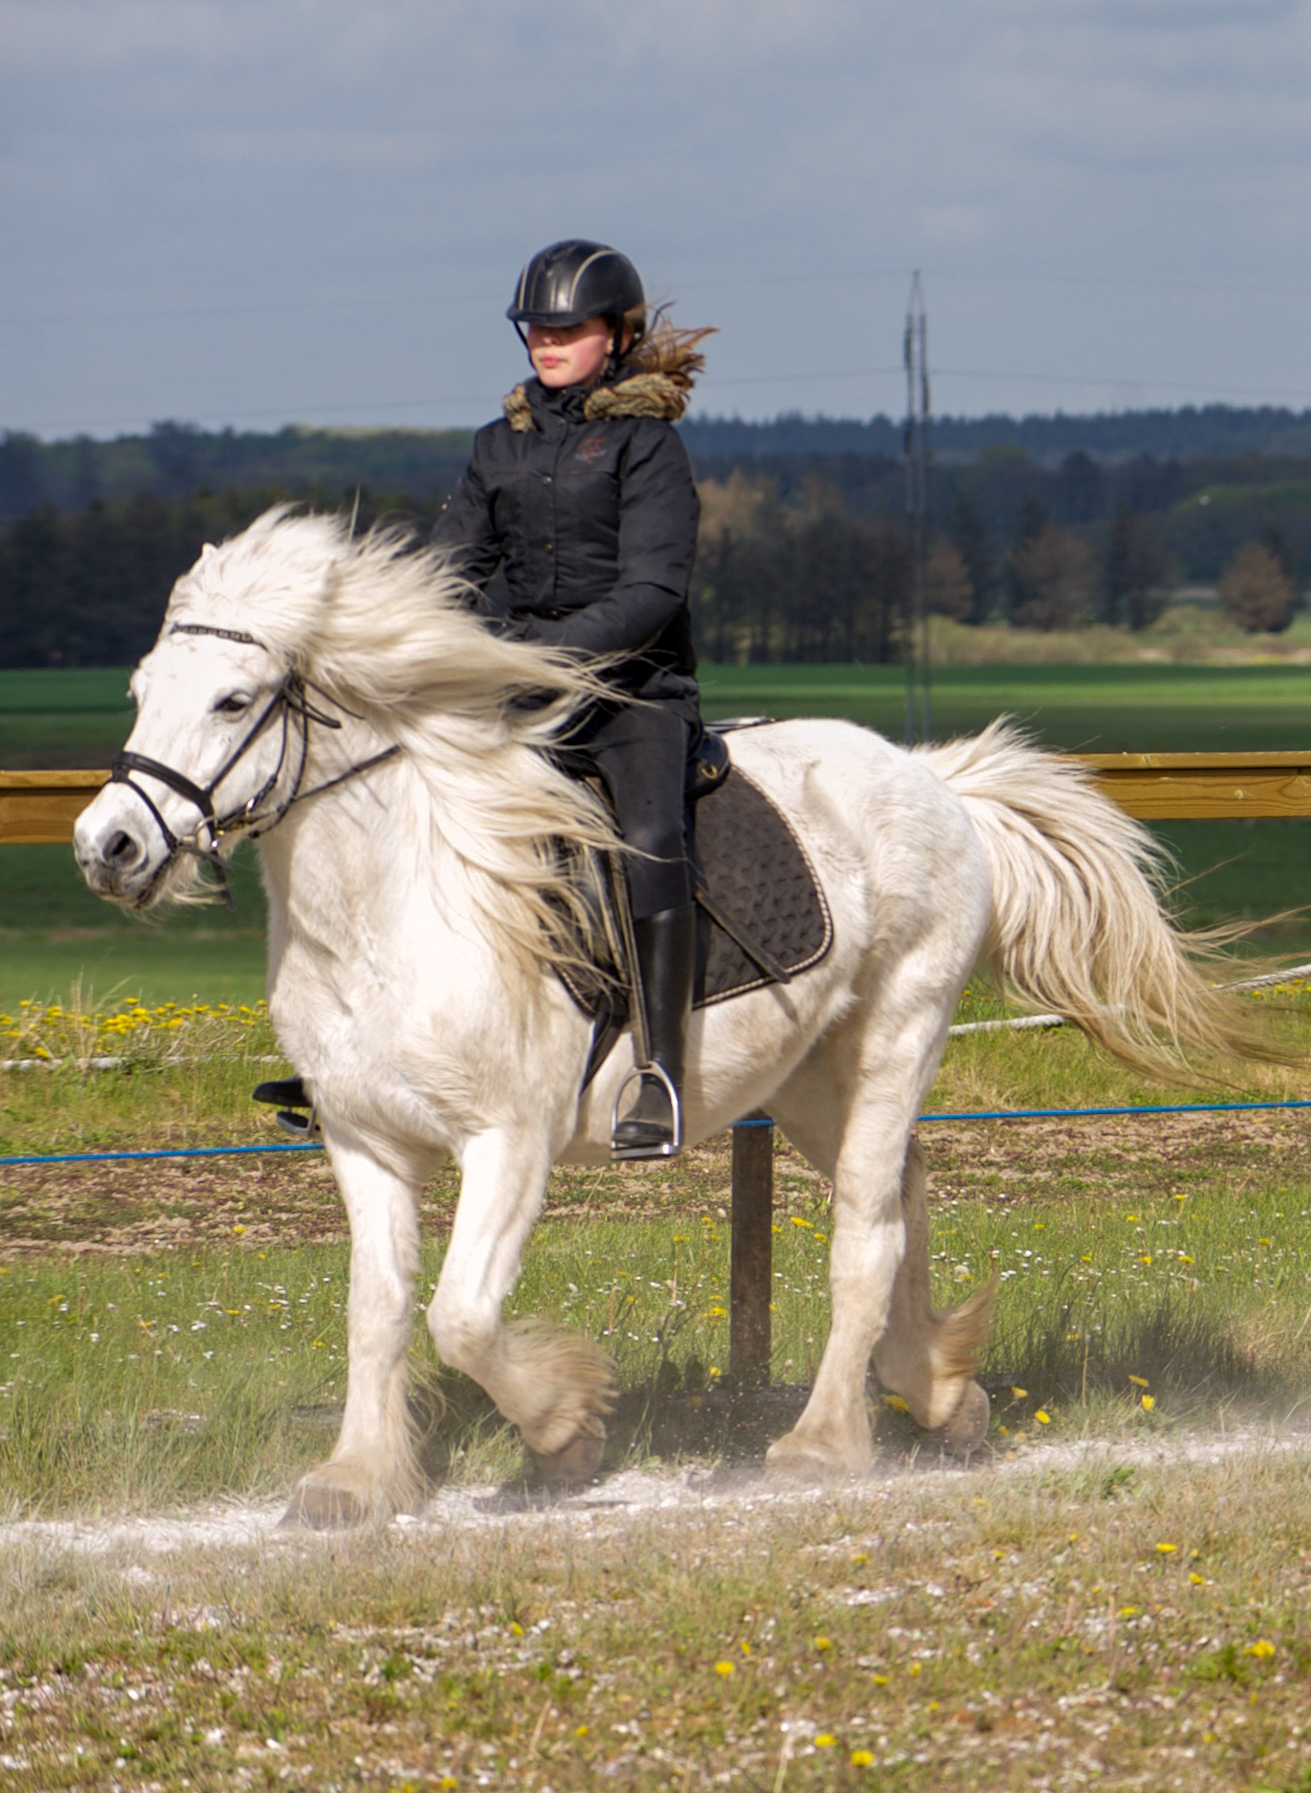 Skrabelodssalg skaffede ny pony til rideskole